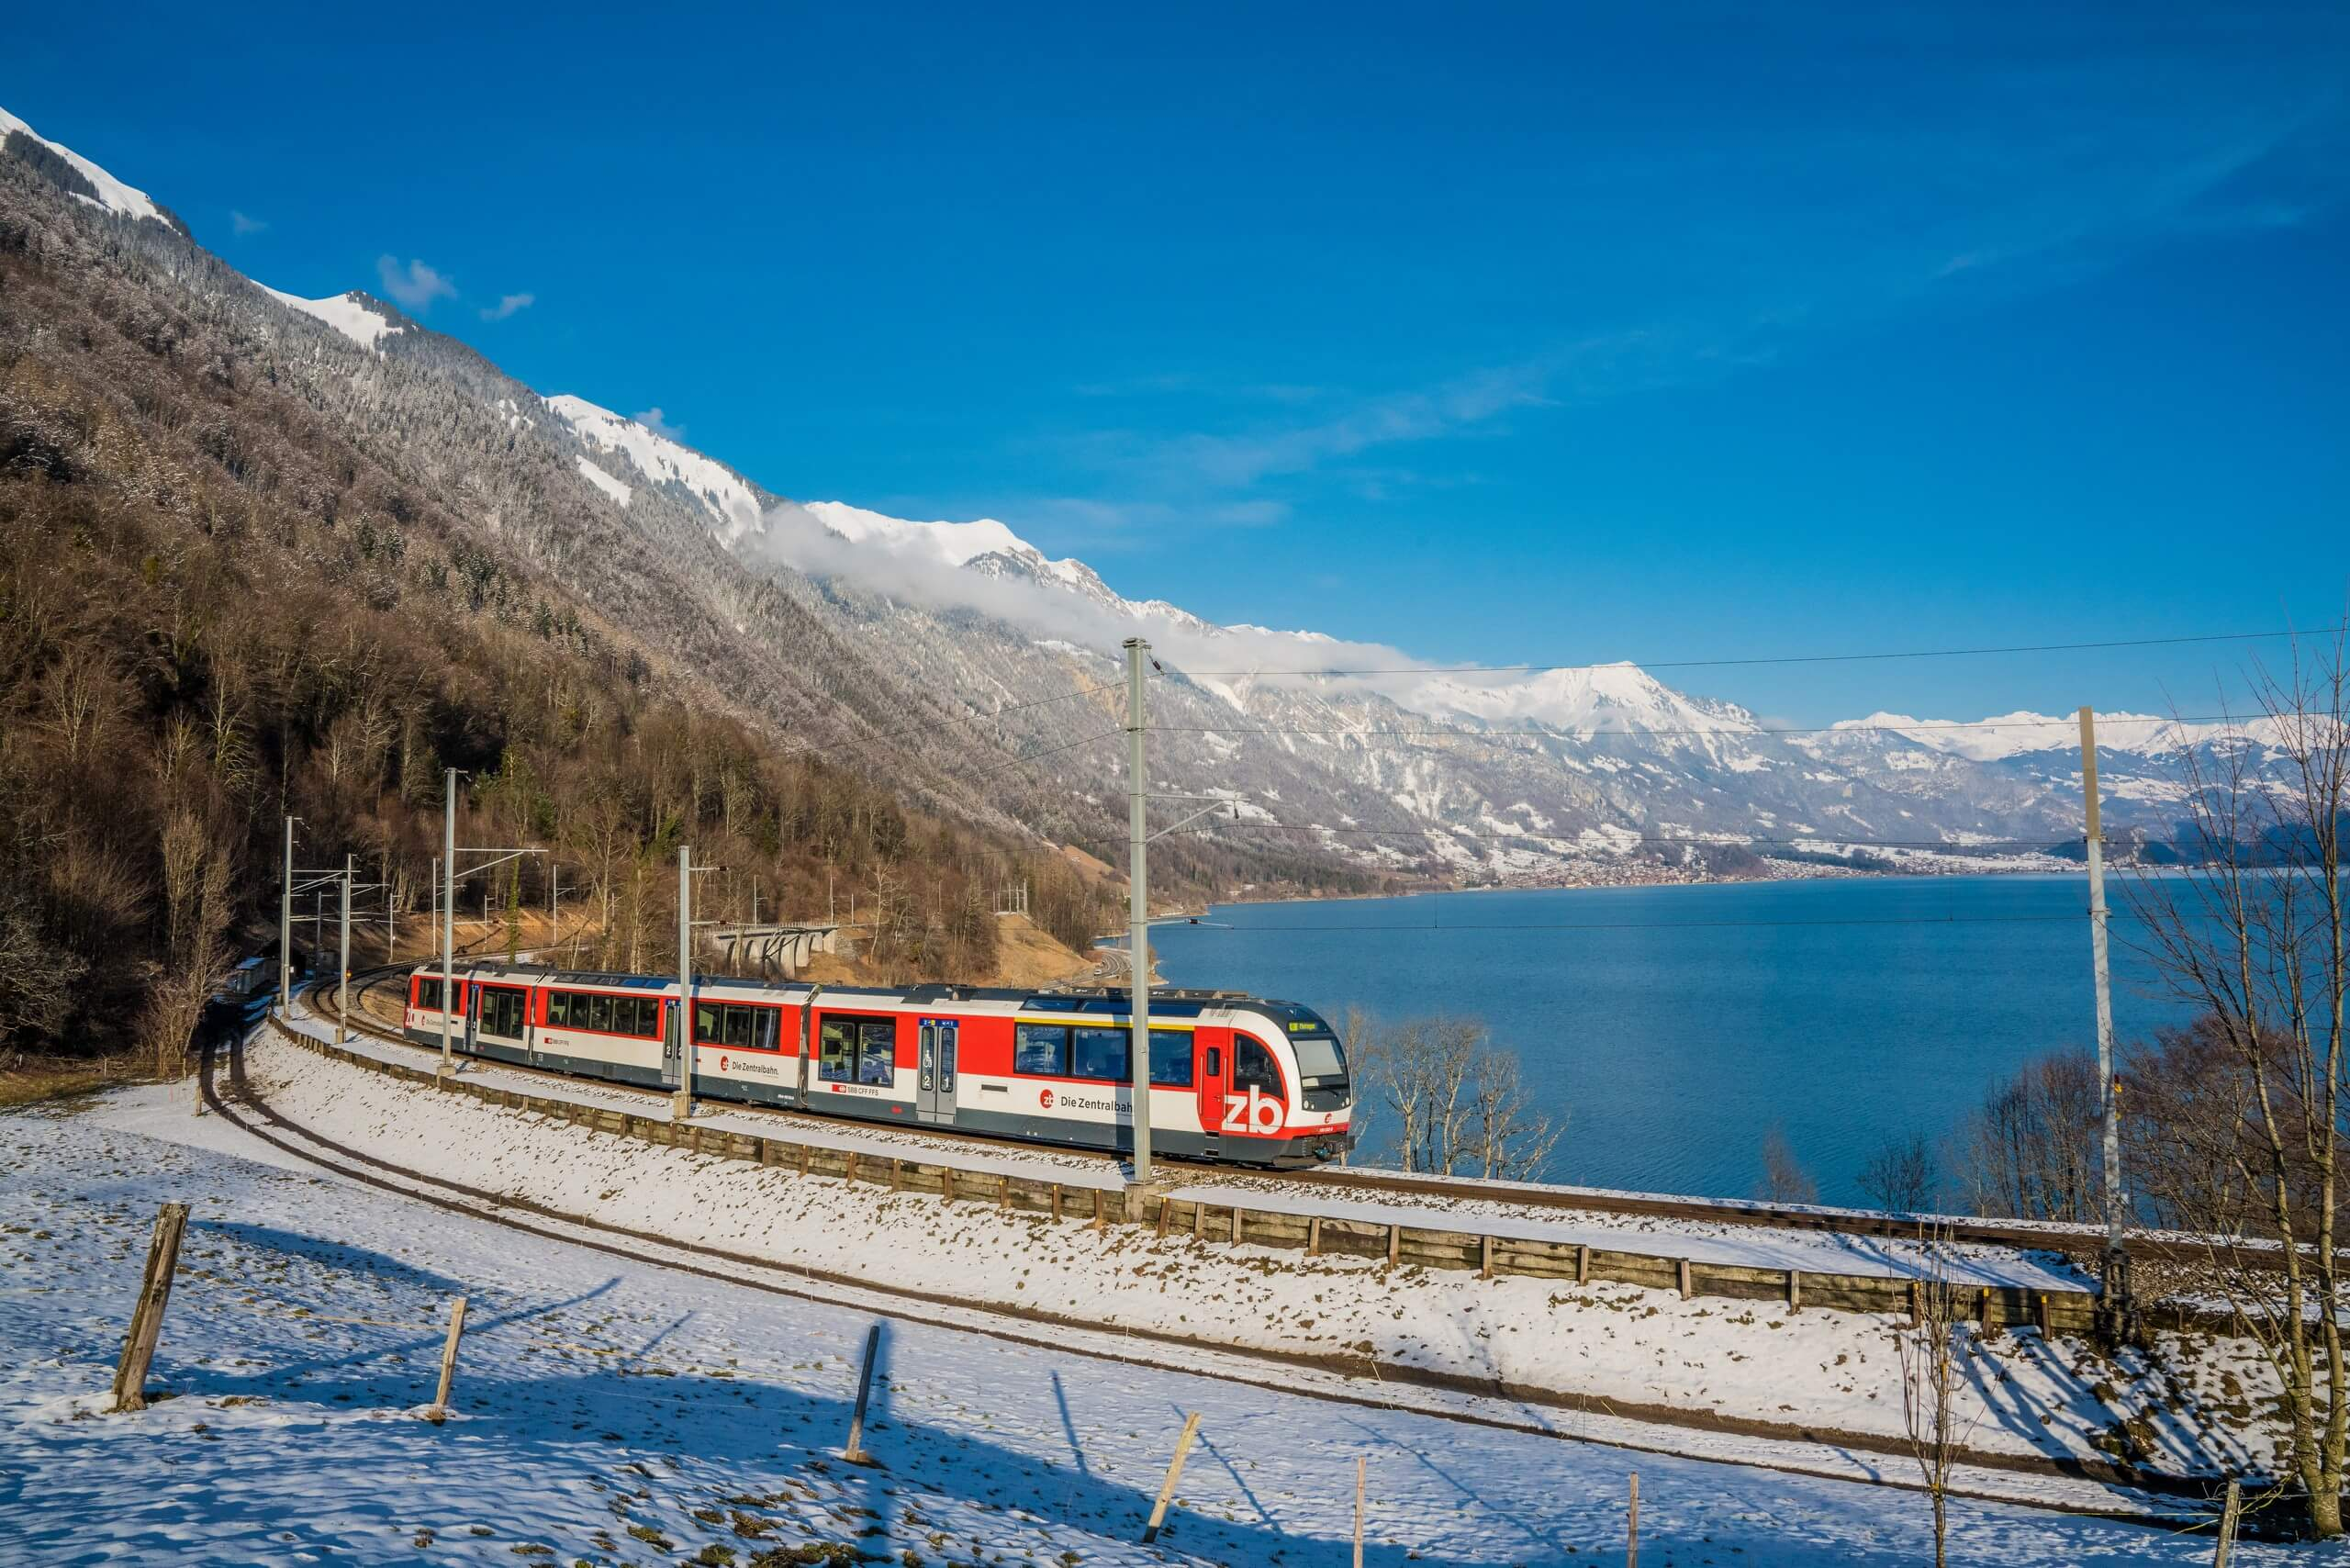 zentralbahn-luzern-interlaken-express-brienzersee-winter